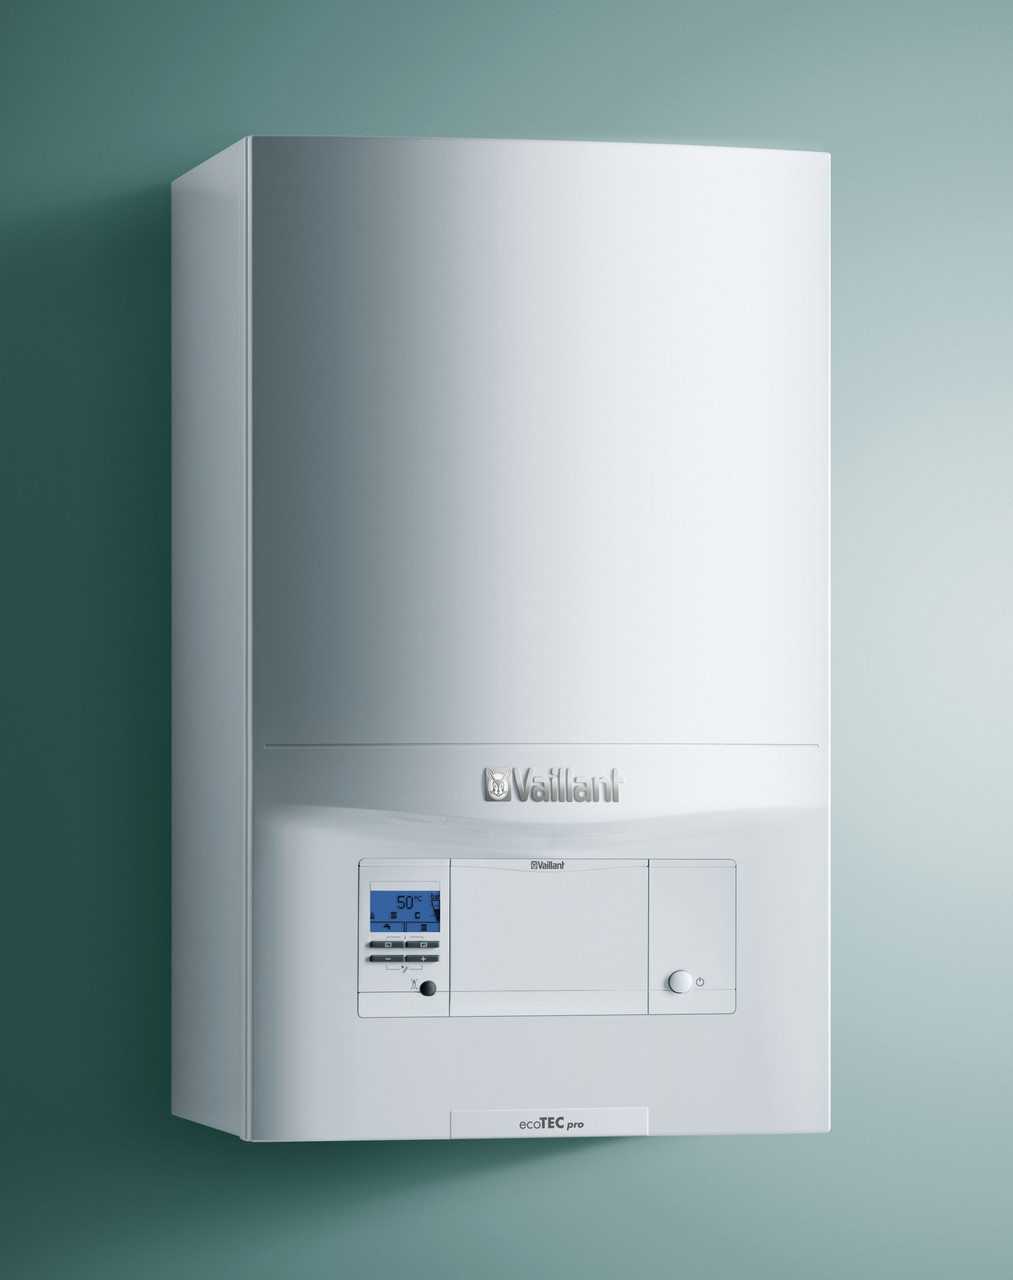 Конденсационный котел со встроенным приготовлением горячей воды Vaillant ecoTEC pro VUW INT 28 кВт